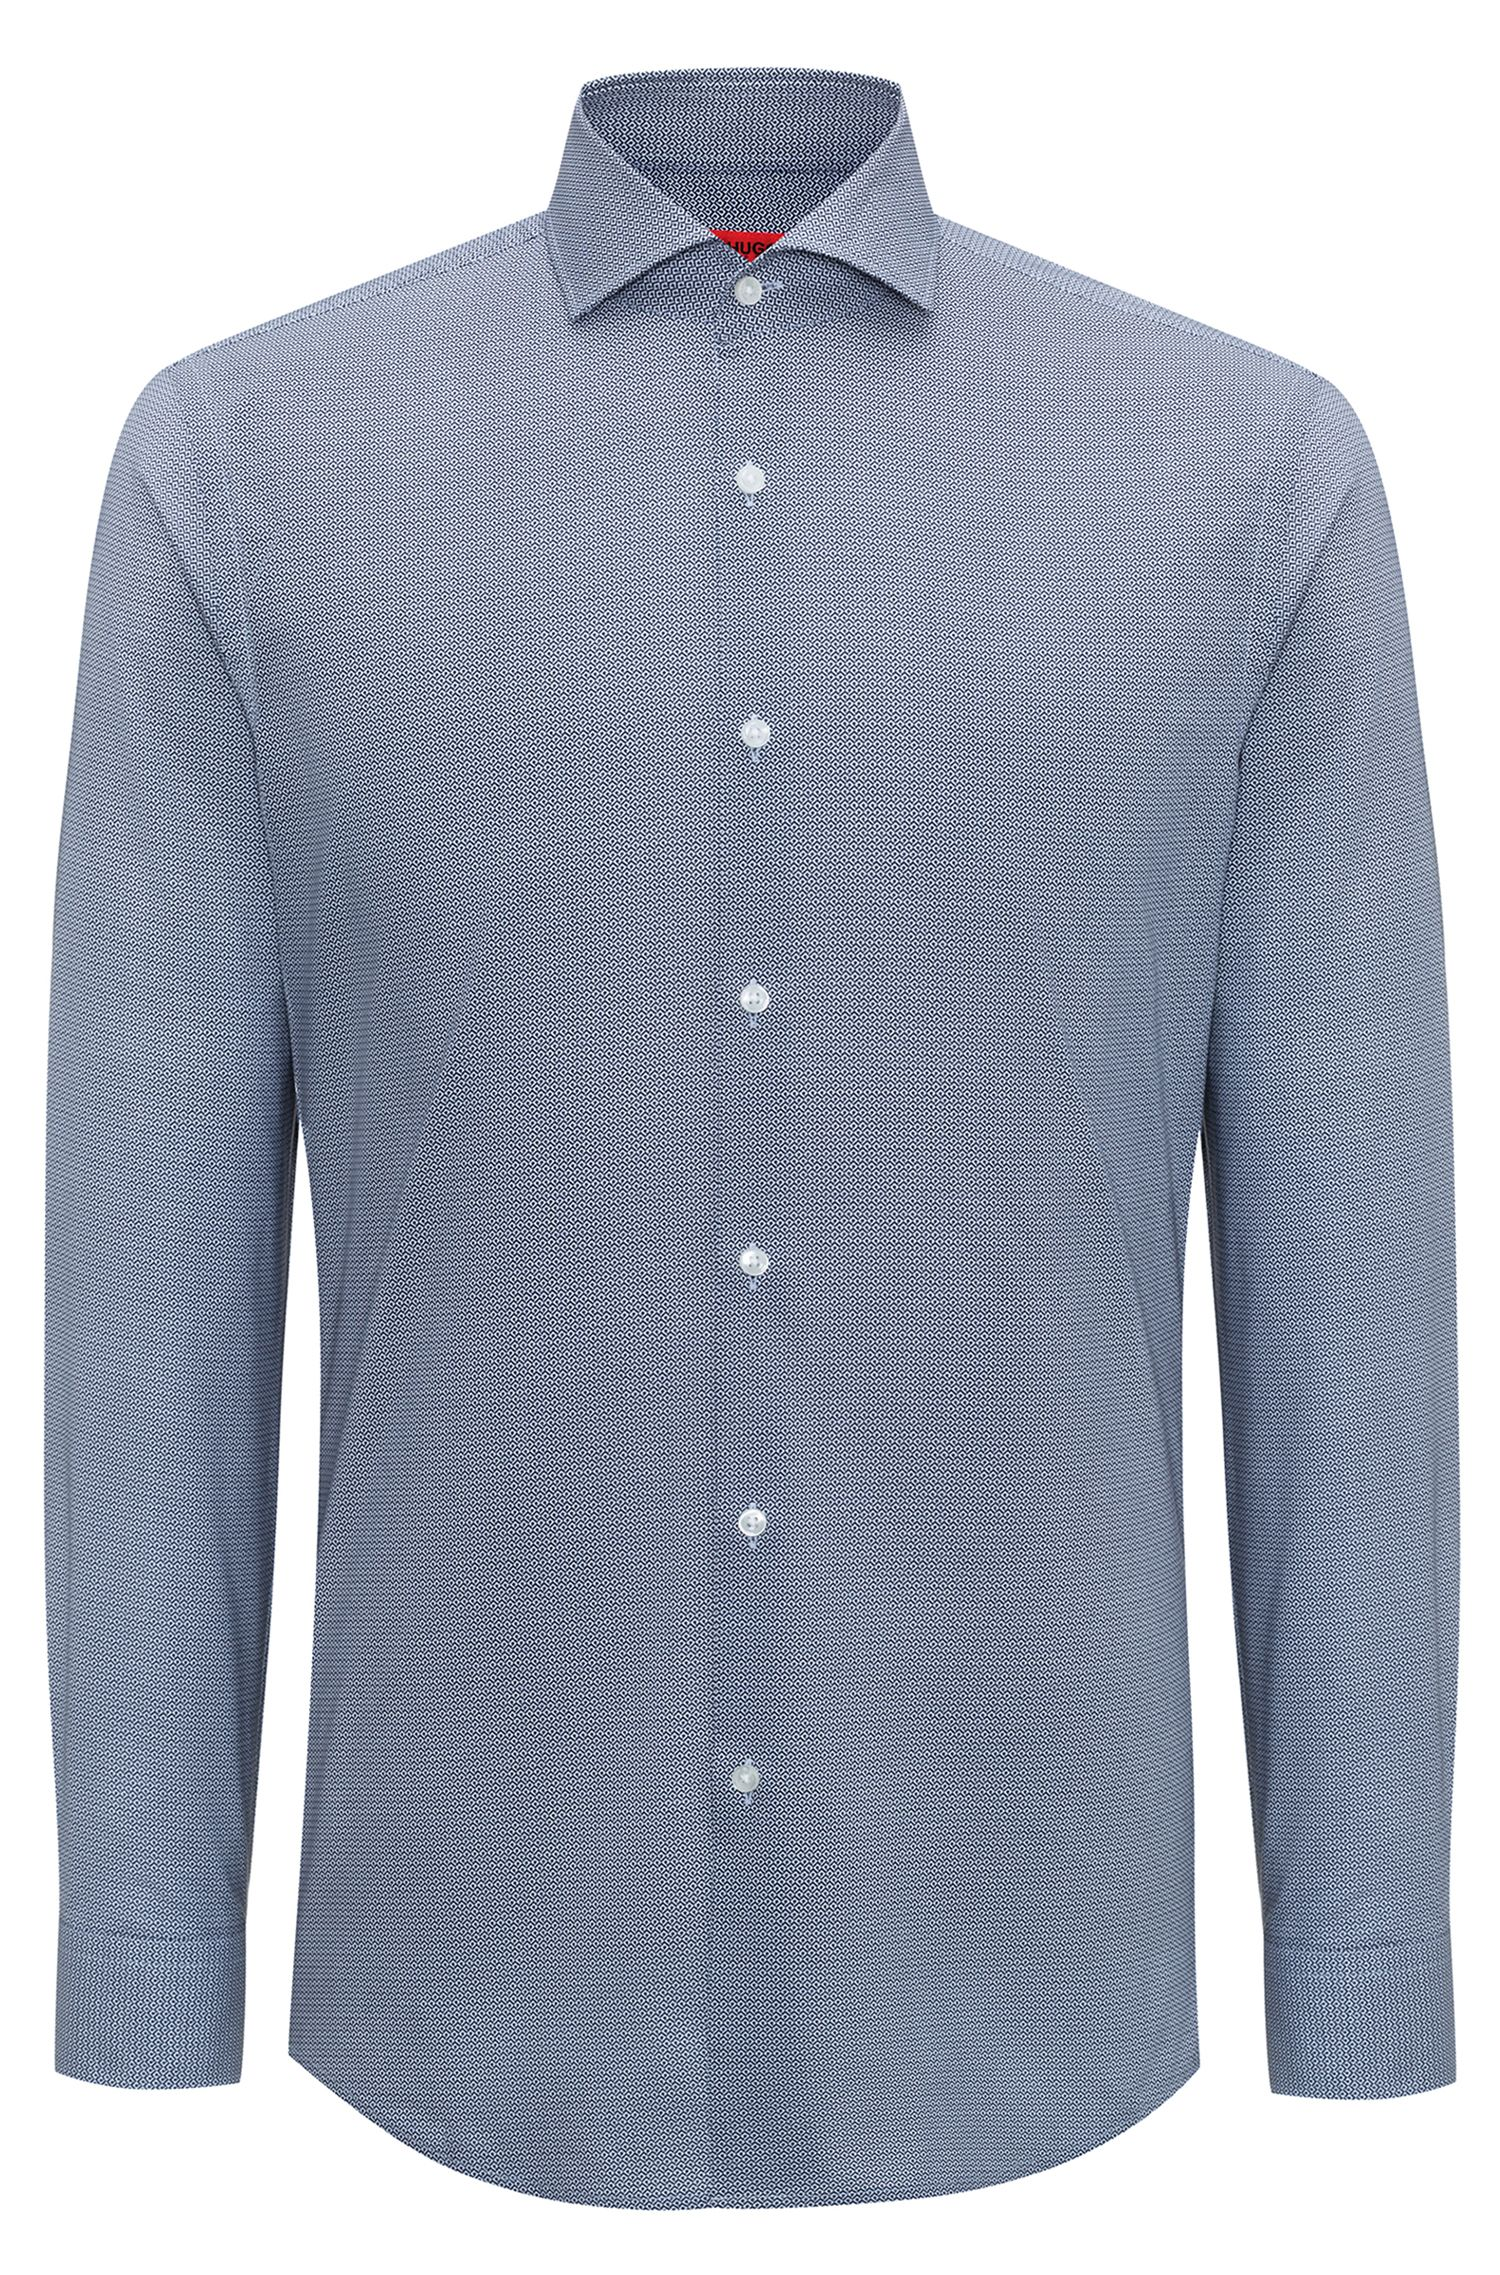 Bedrucktes Slim-Fit Hemd aus Baumwolle